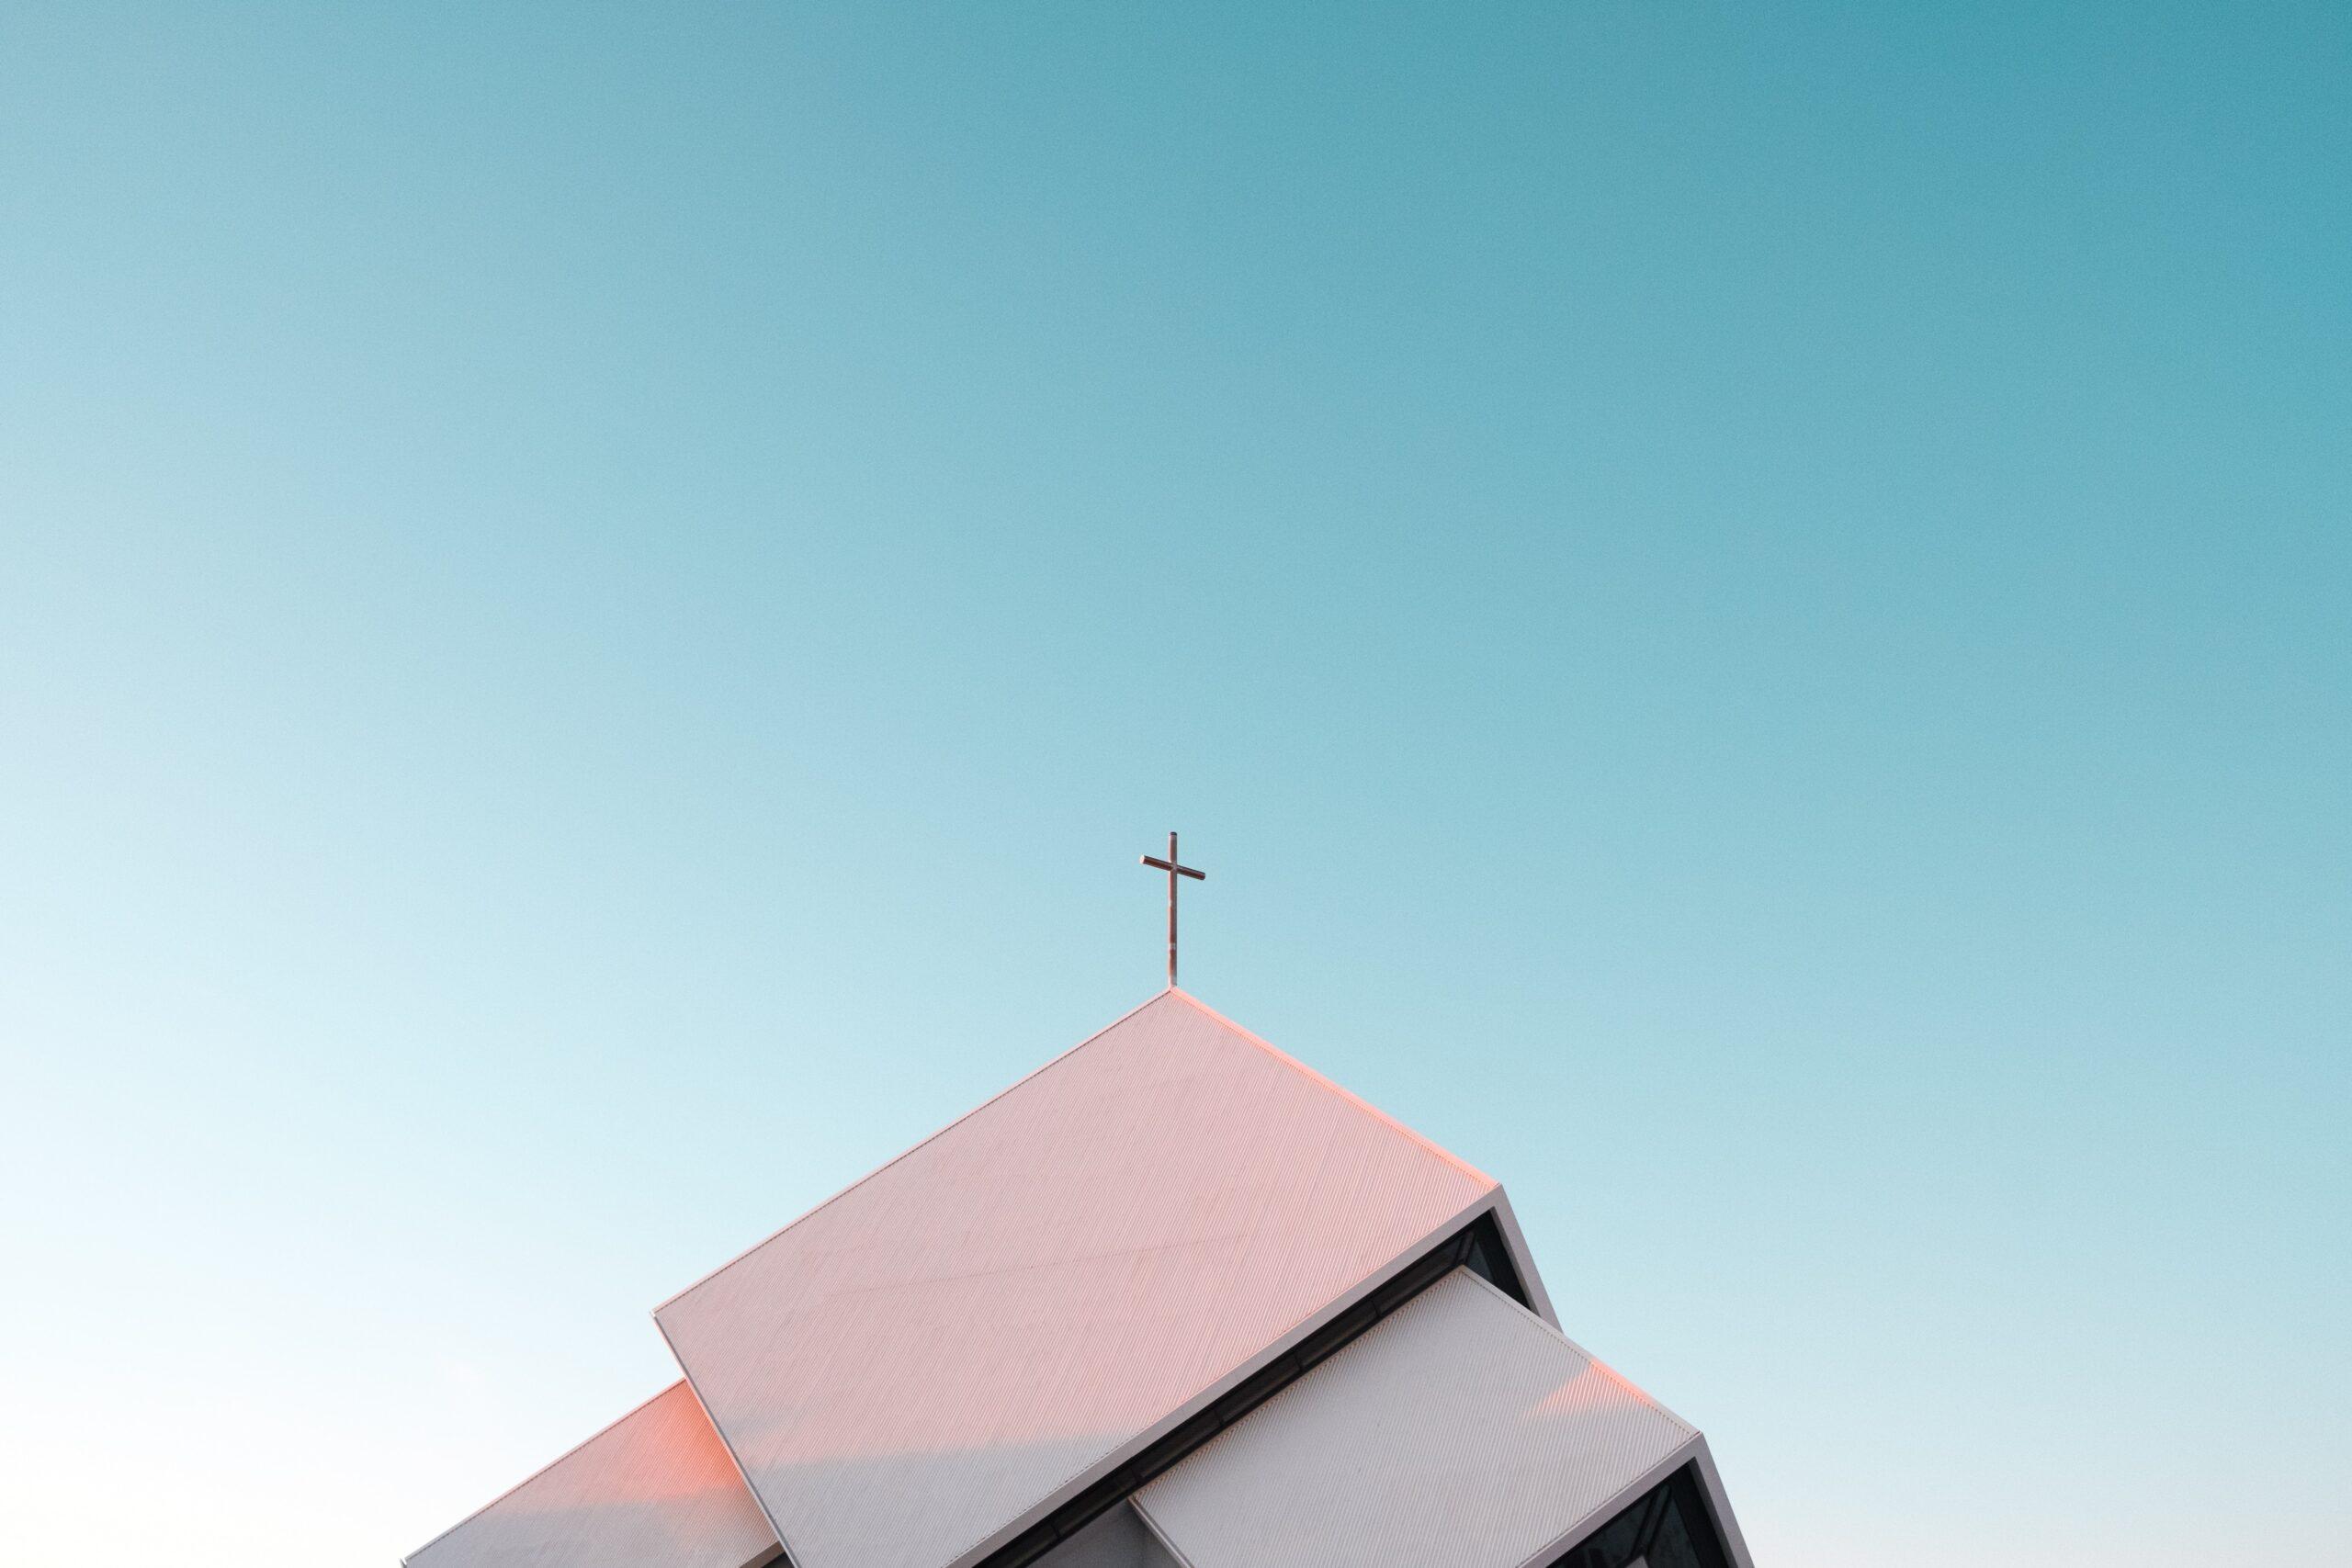 Kun je geloven zonder kerk?